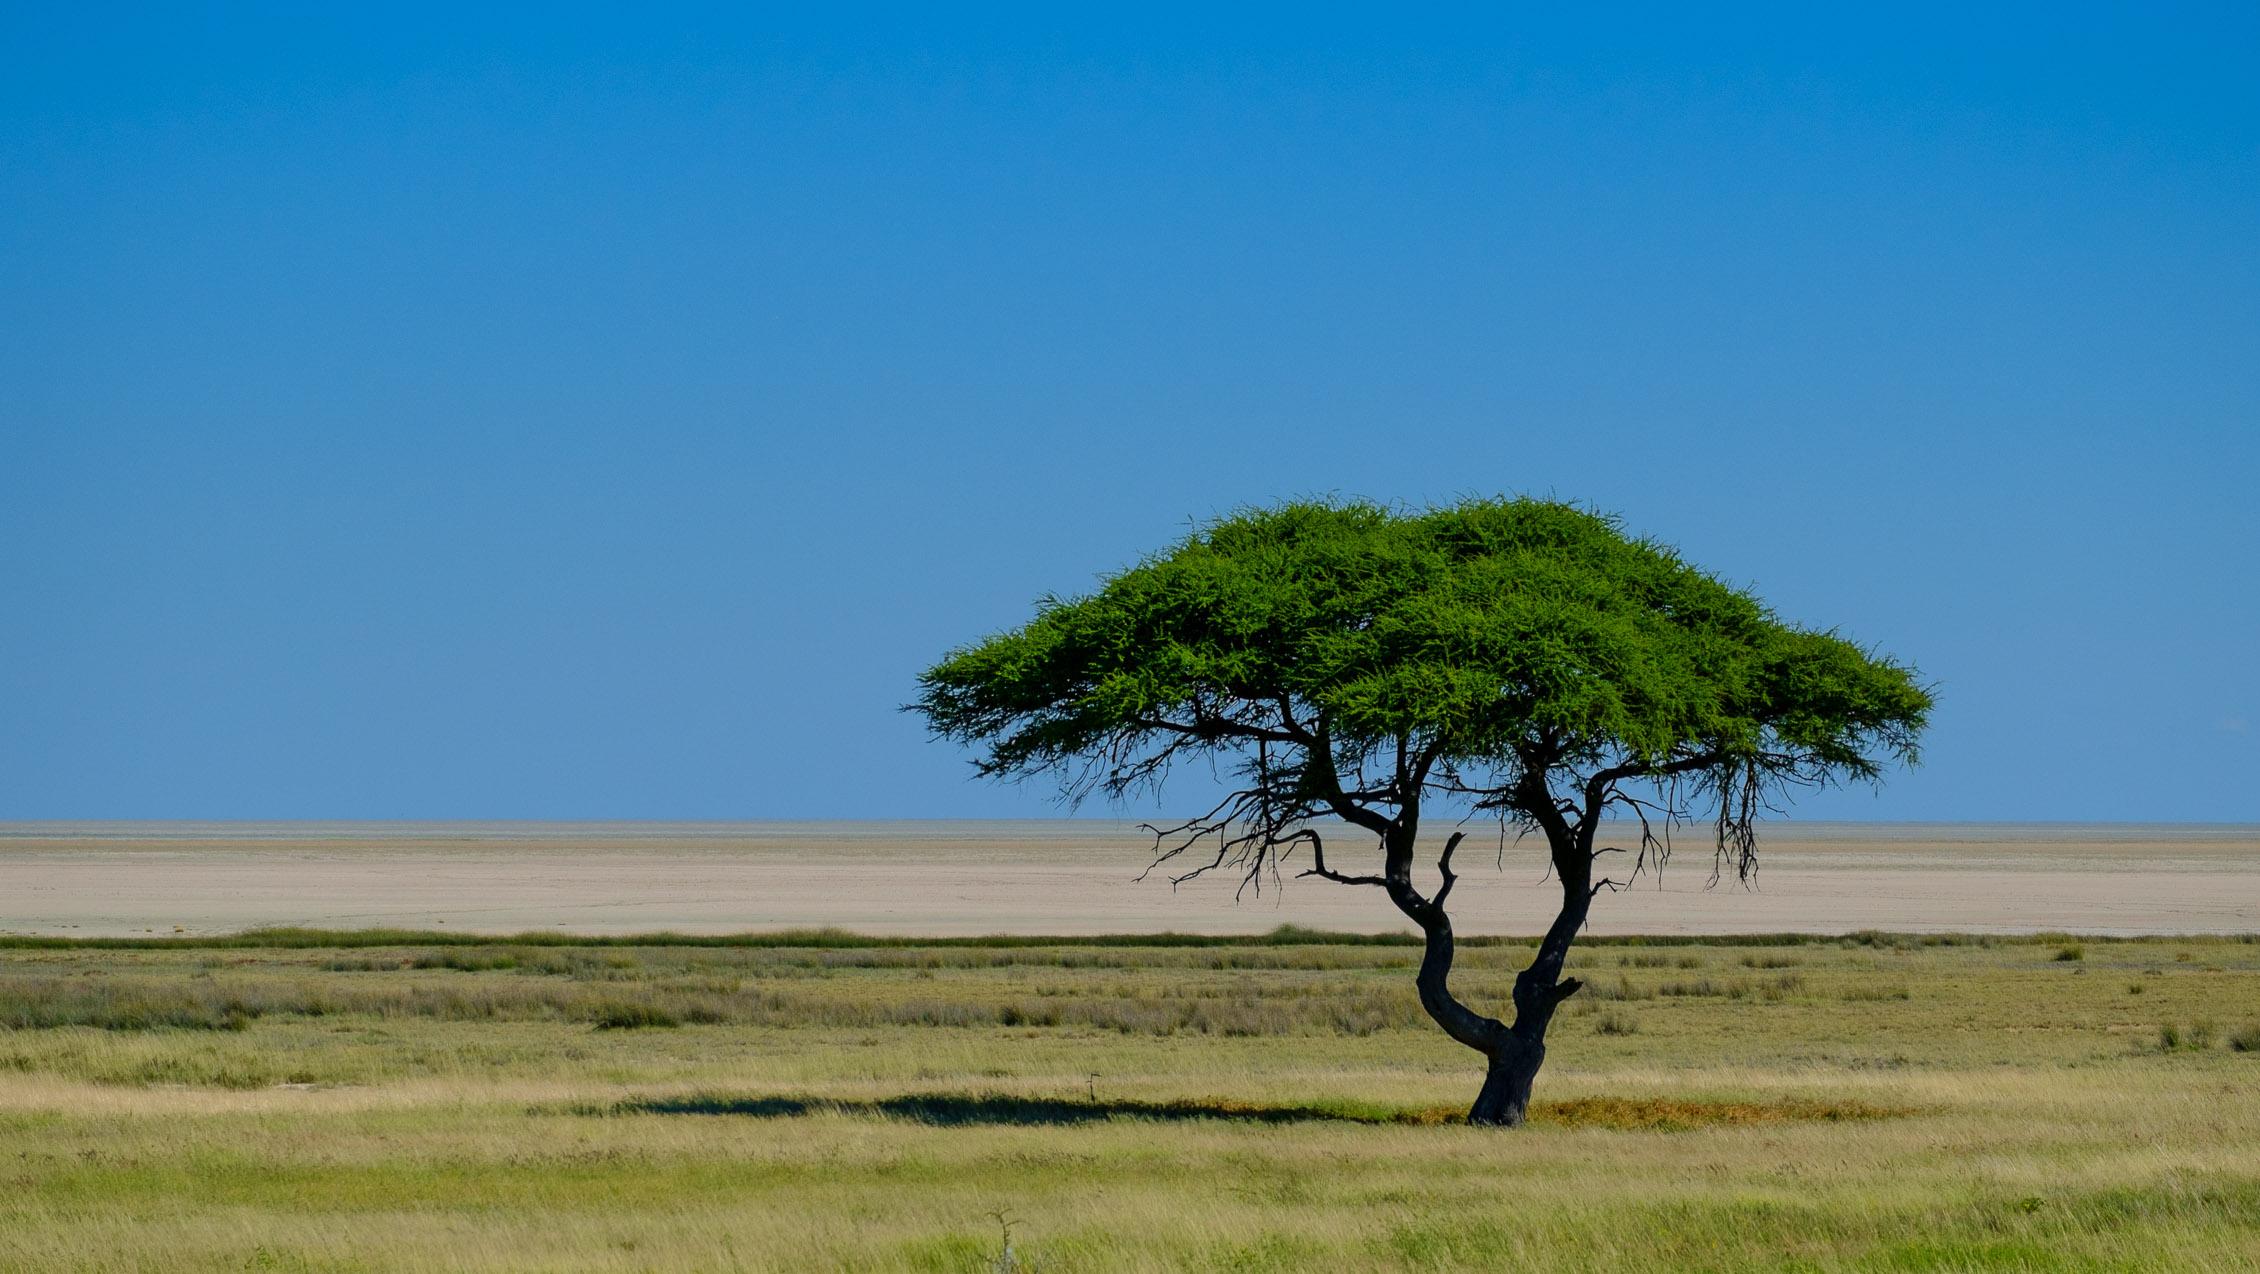 Namibia: Die Landschaft, die Farben, die Weite… – schönergesehen.de